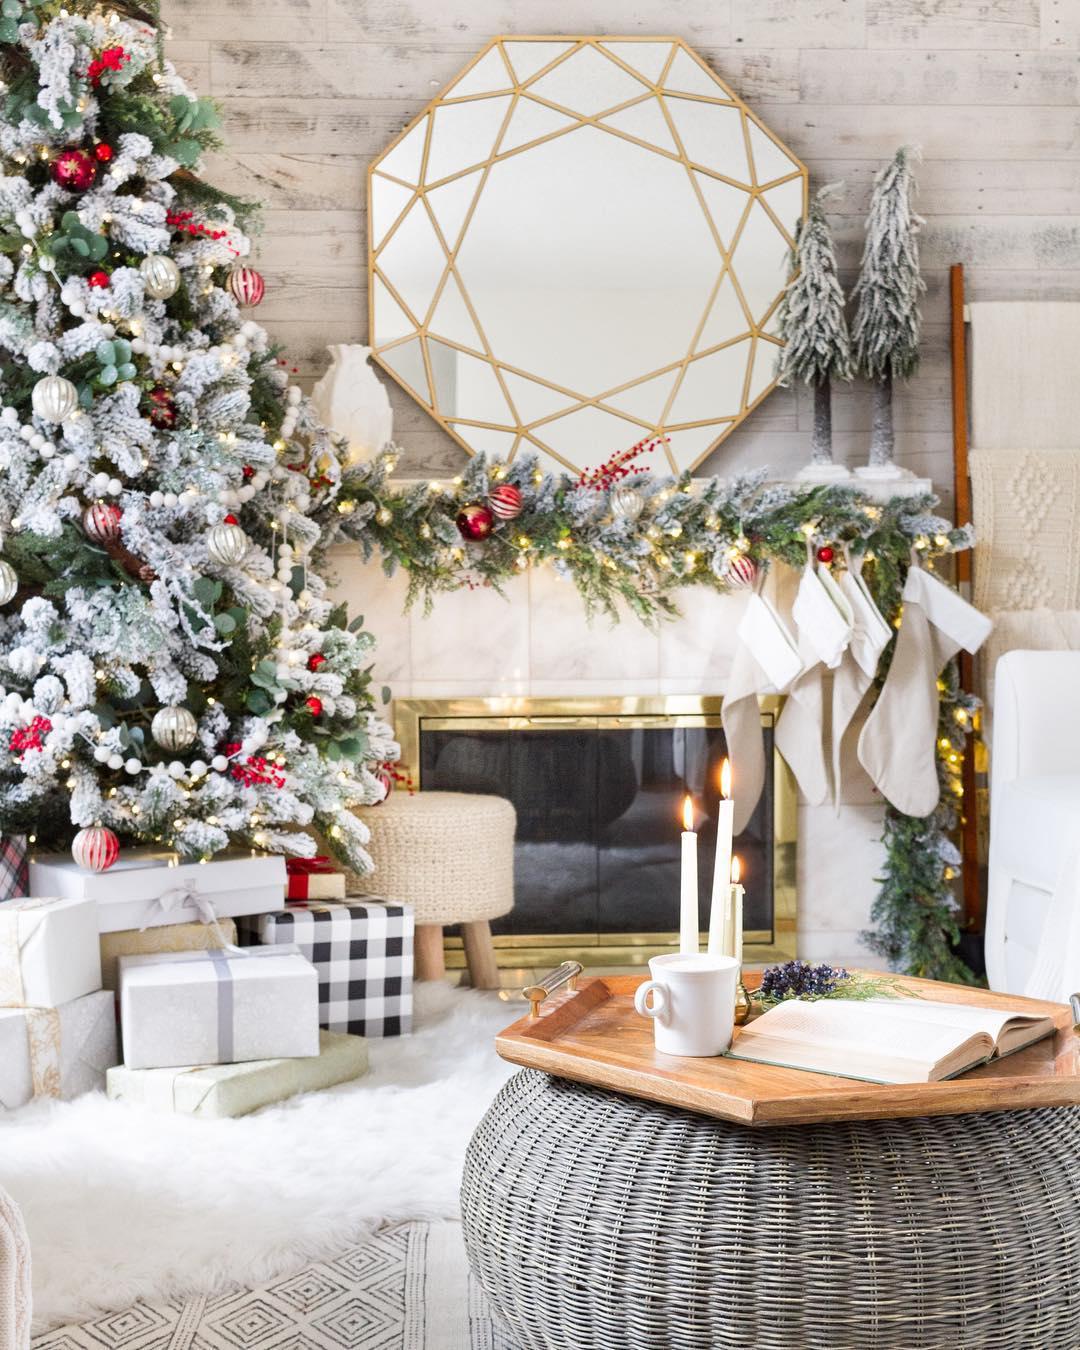 Christmas Decorating Image courtesy of: @zevyjoy